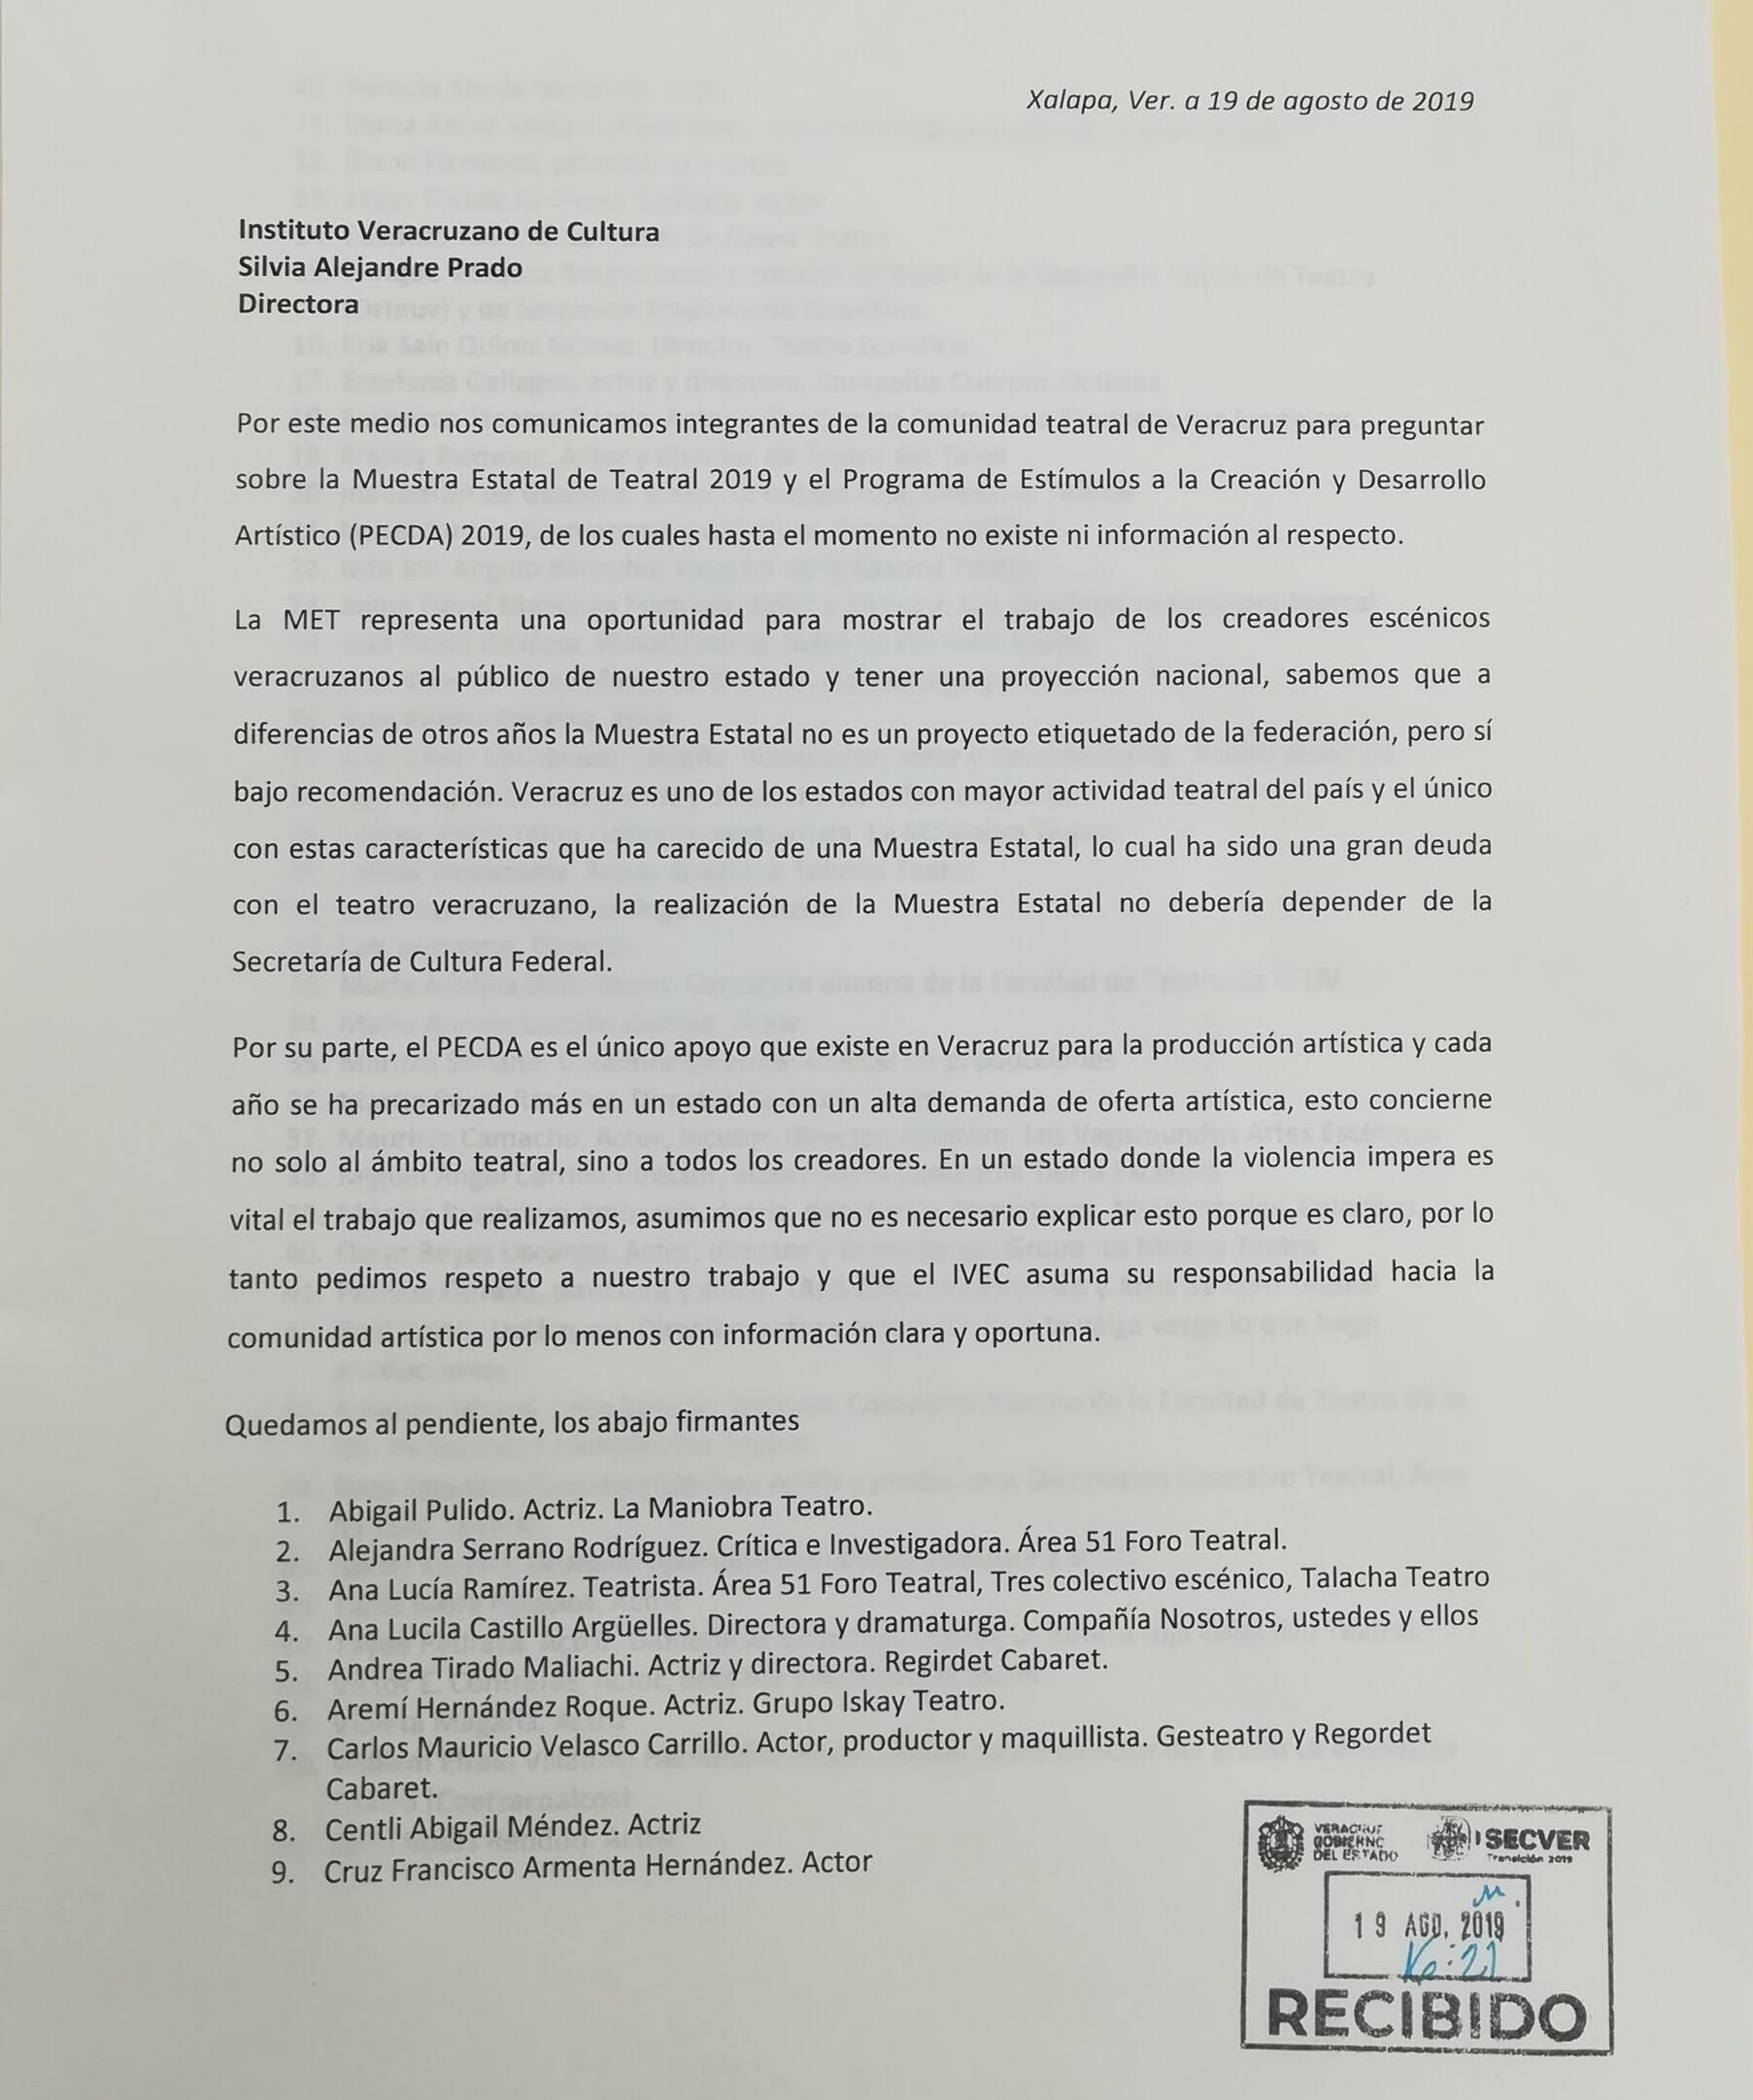 Piden información sobre la MET y el PECDA en Veracruz